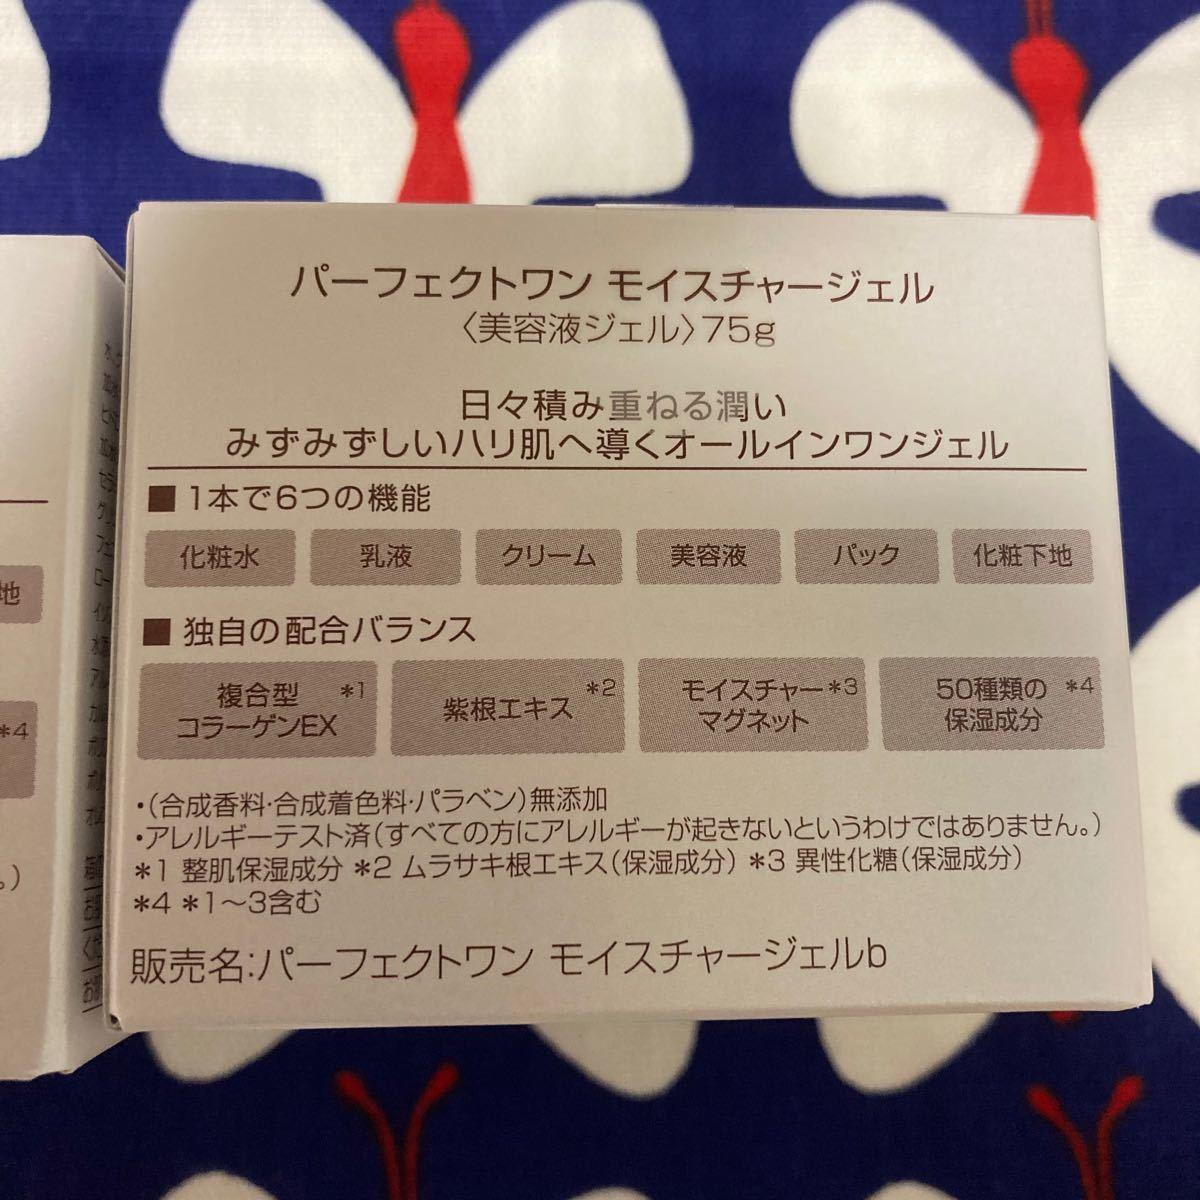 2個セット パーフェクトワン モイスチャージェル 75g  新日本製薬